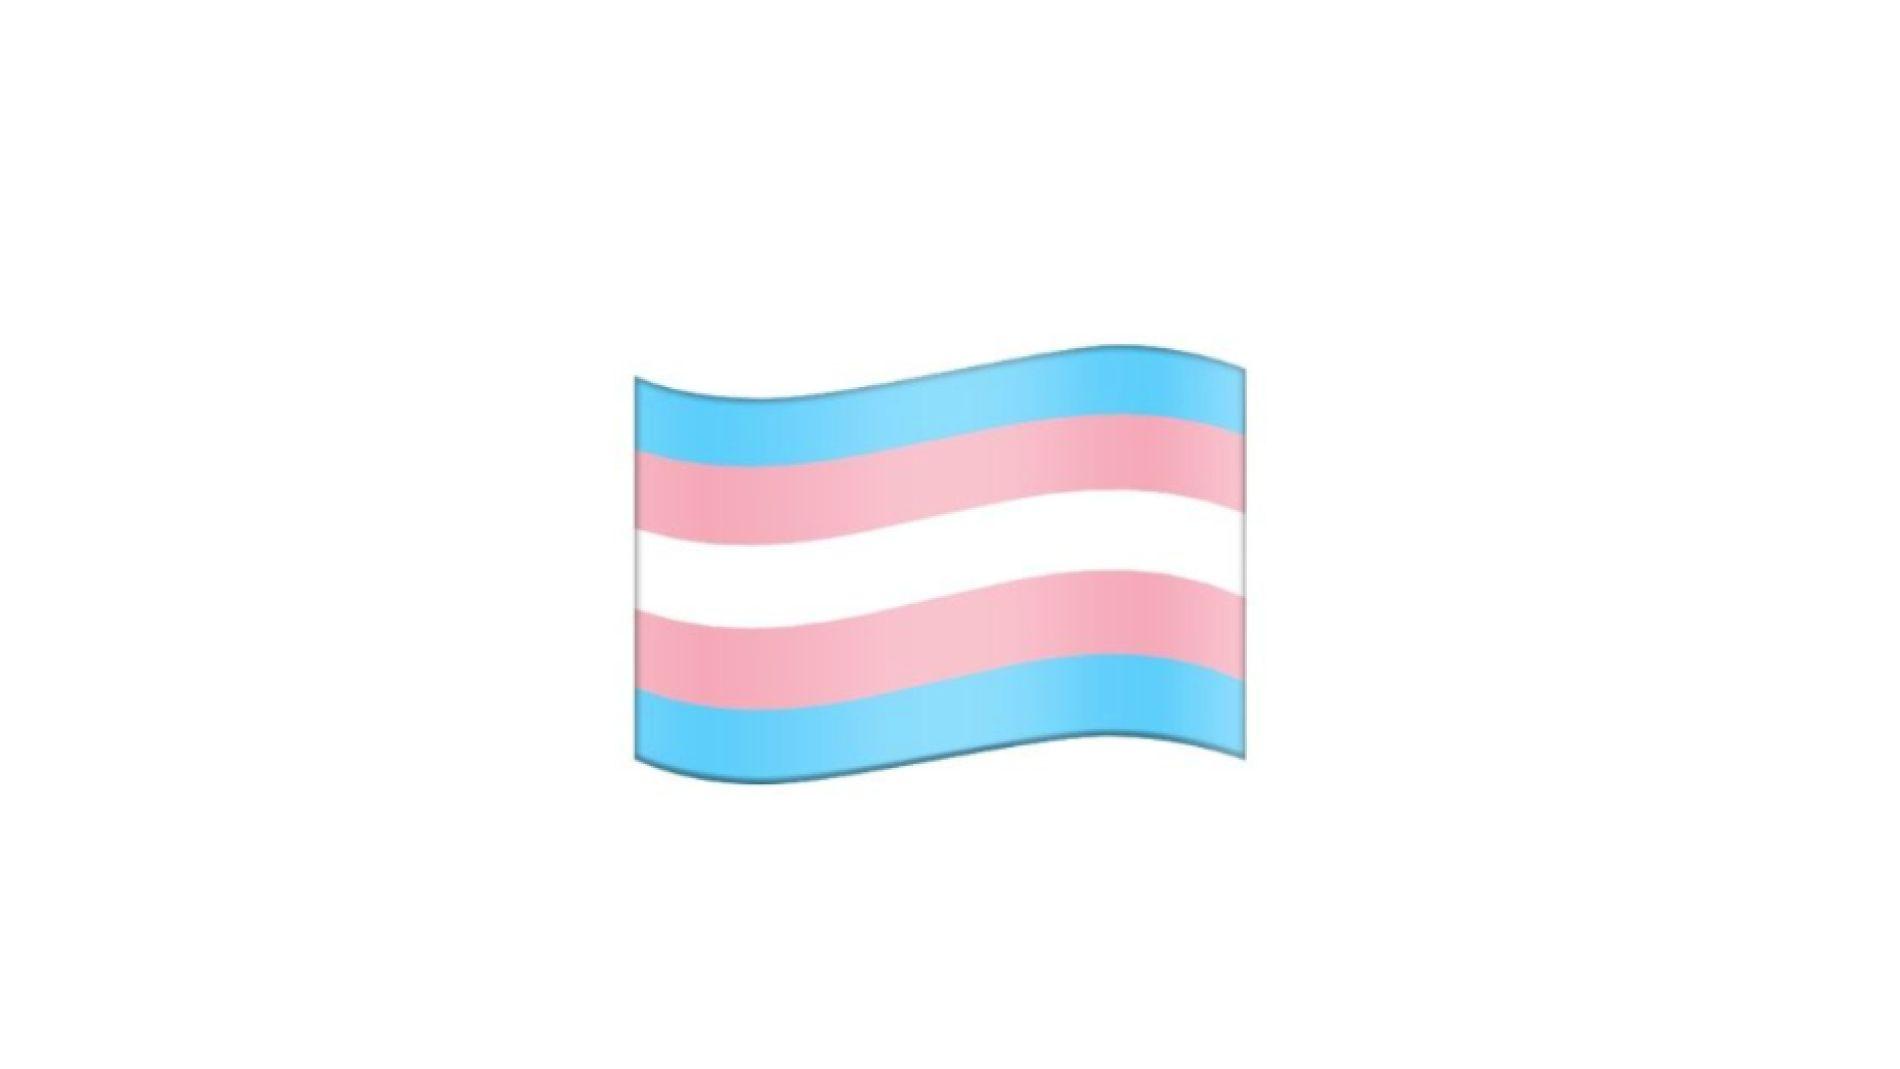 La bandera trans se une a los emojis